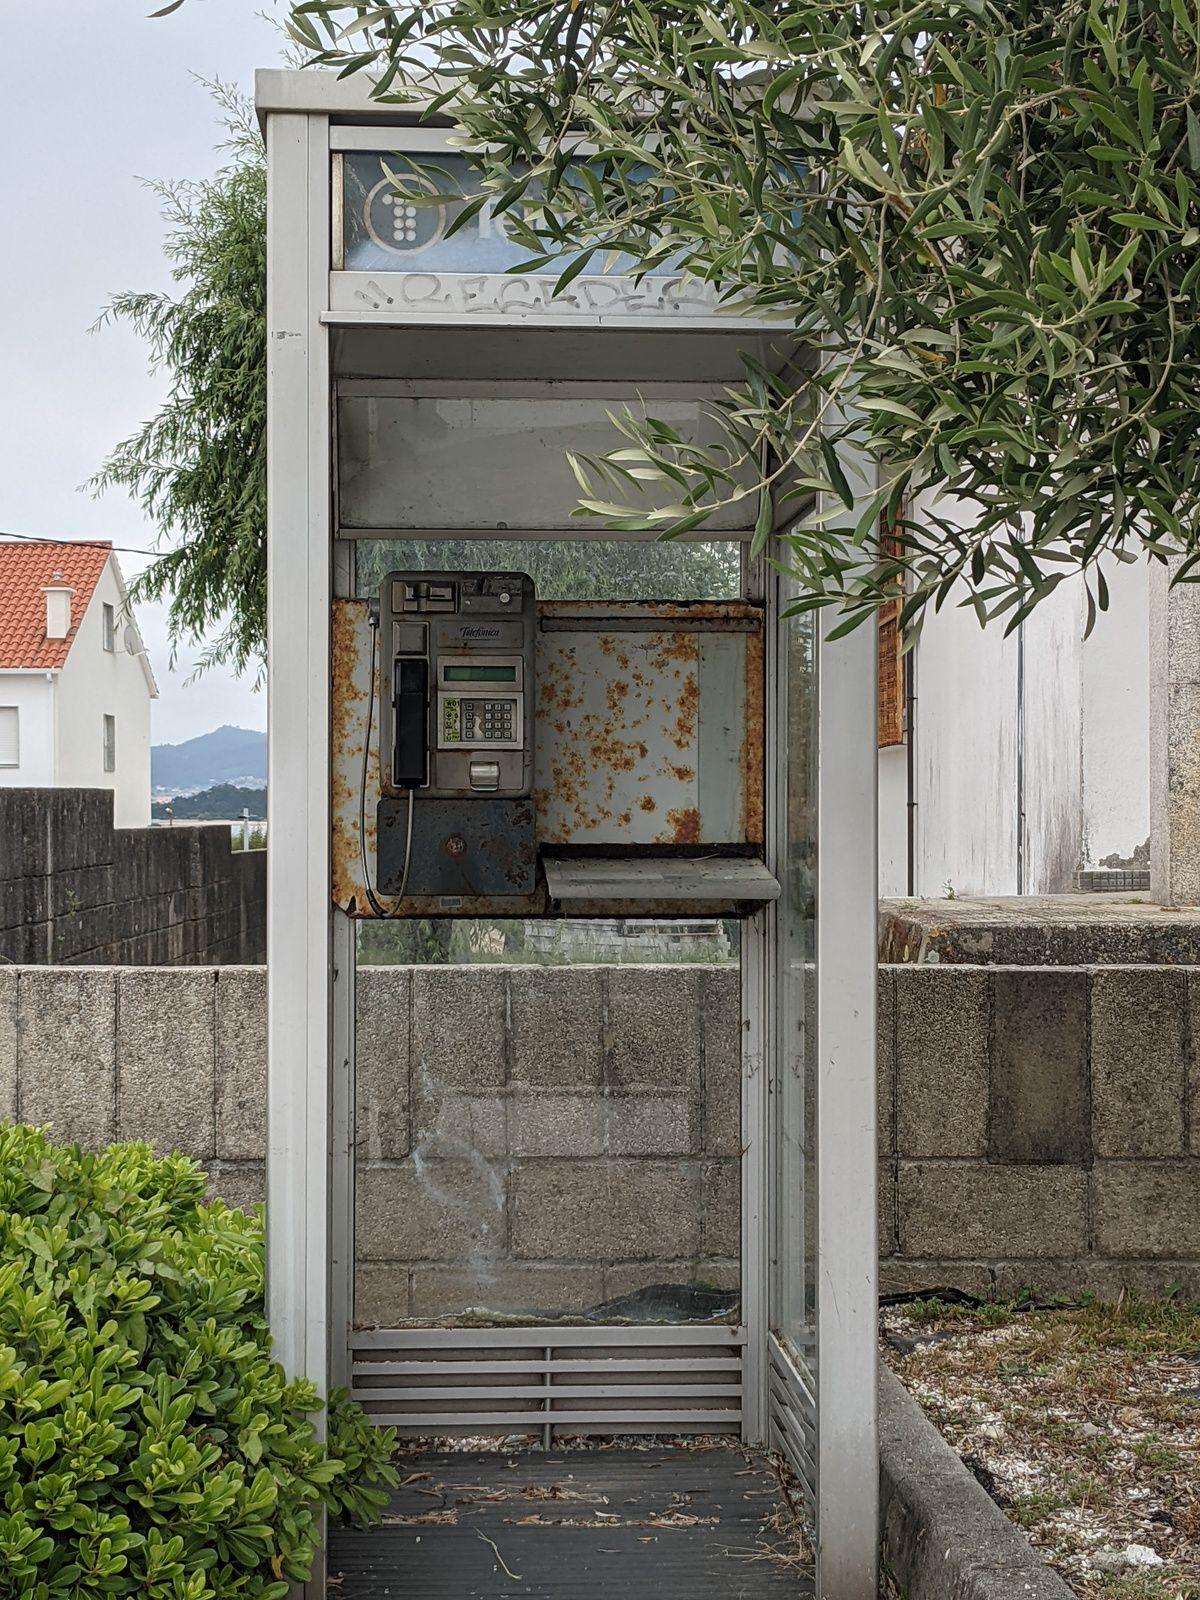 Hace muchos años que no me encontraba una cabina telefónica